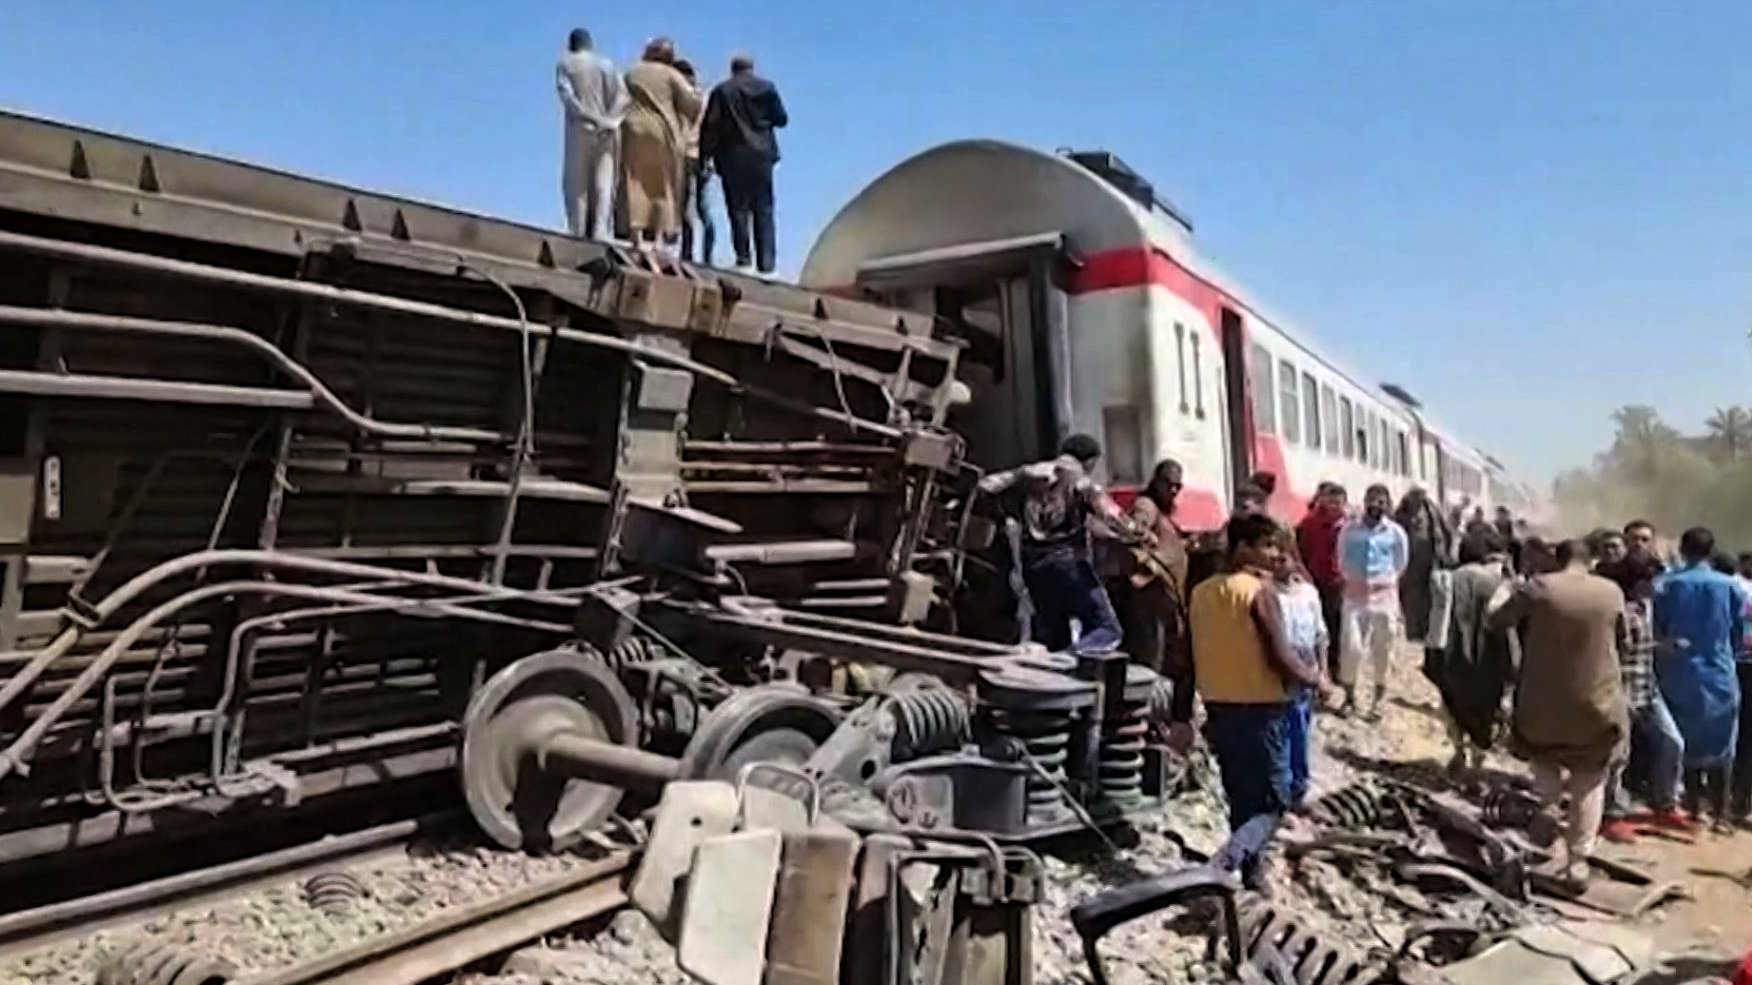 EGYPT-ACCIDENT-RAIL